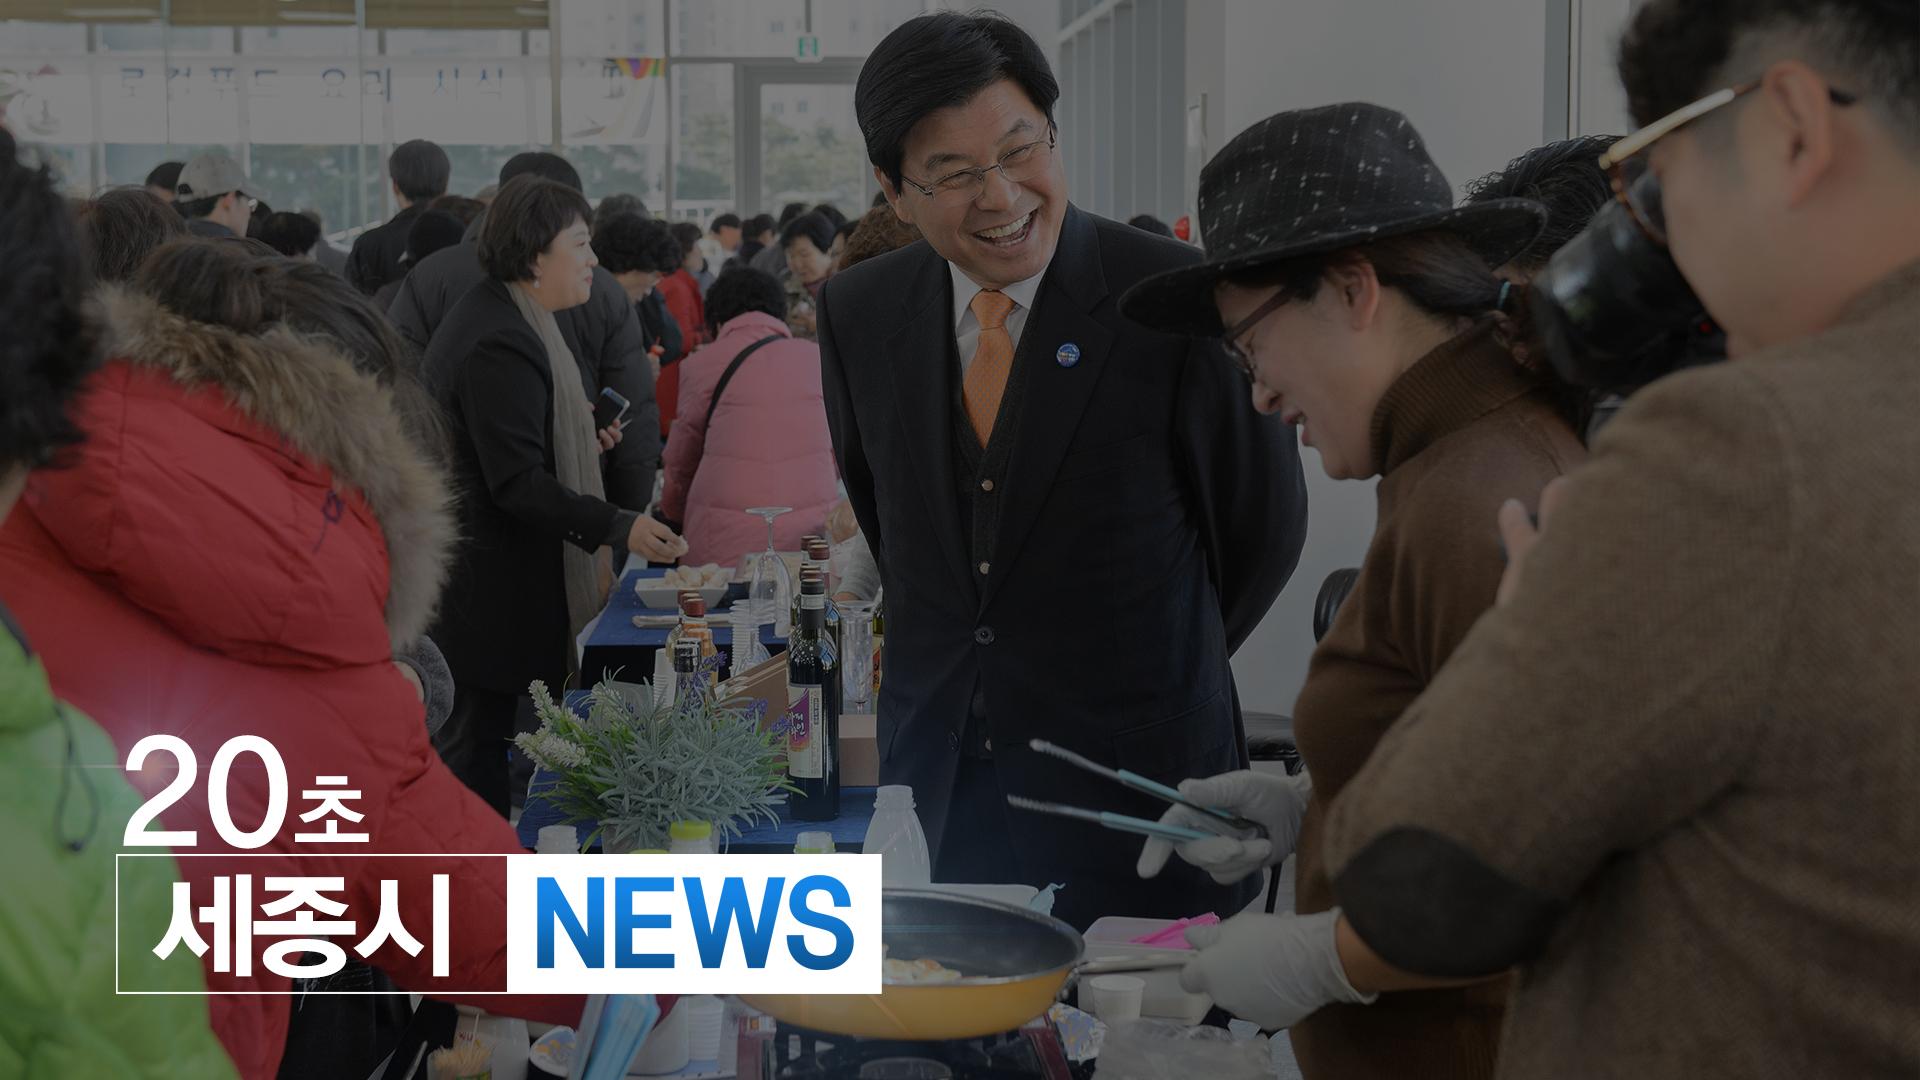 <20초뉴스> 세종 로컬푸드 싱싱문화관 준공